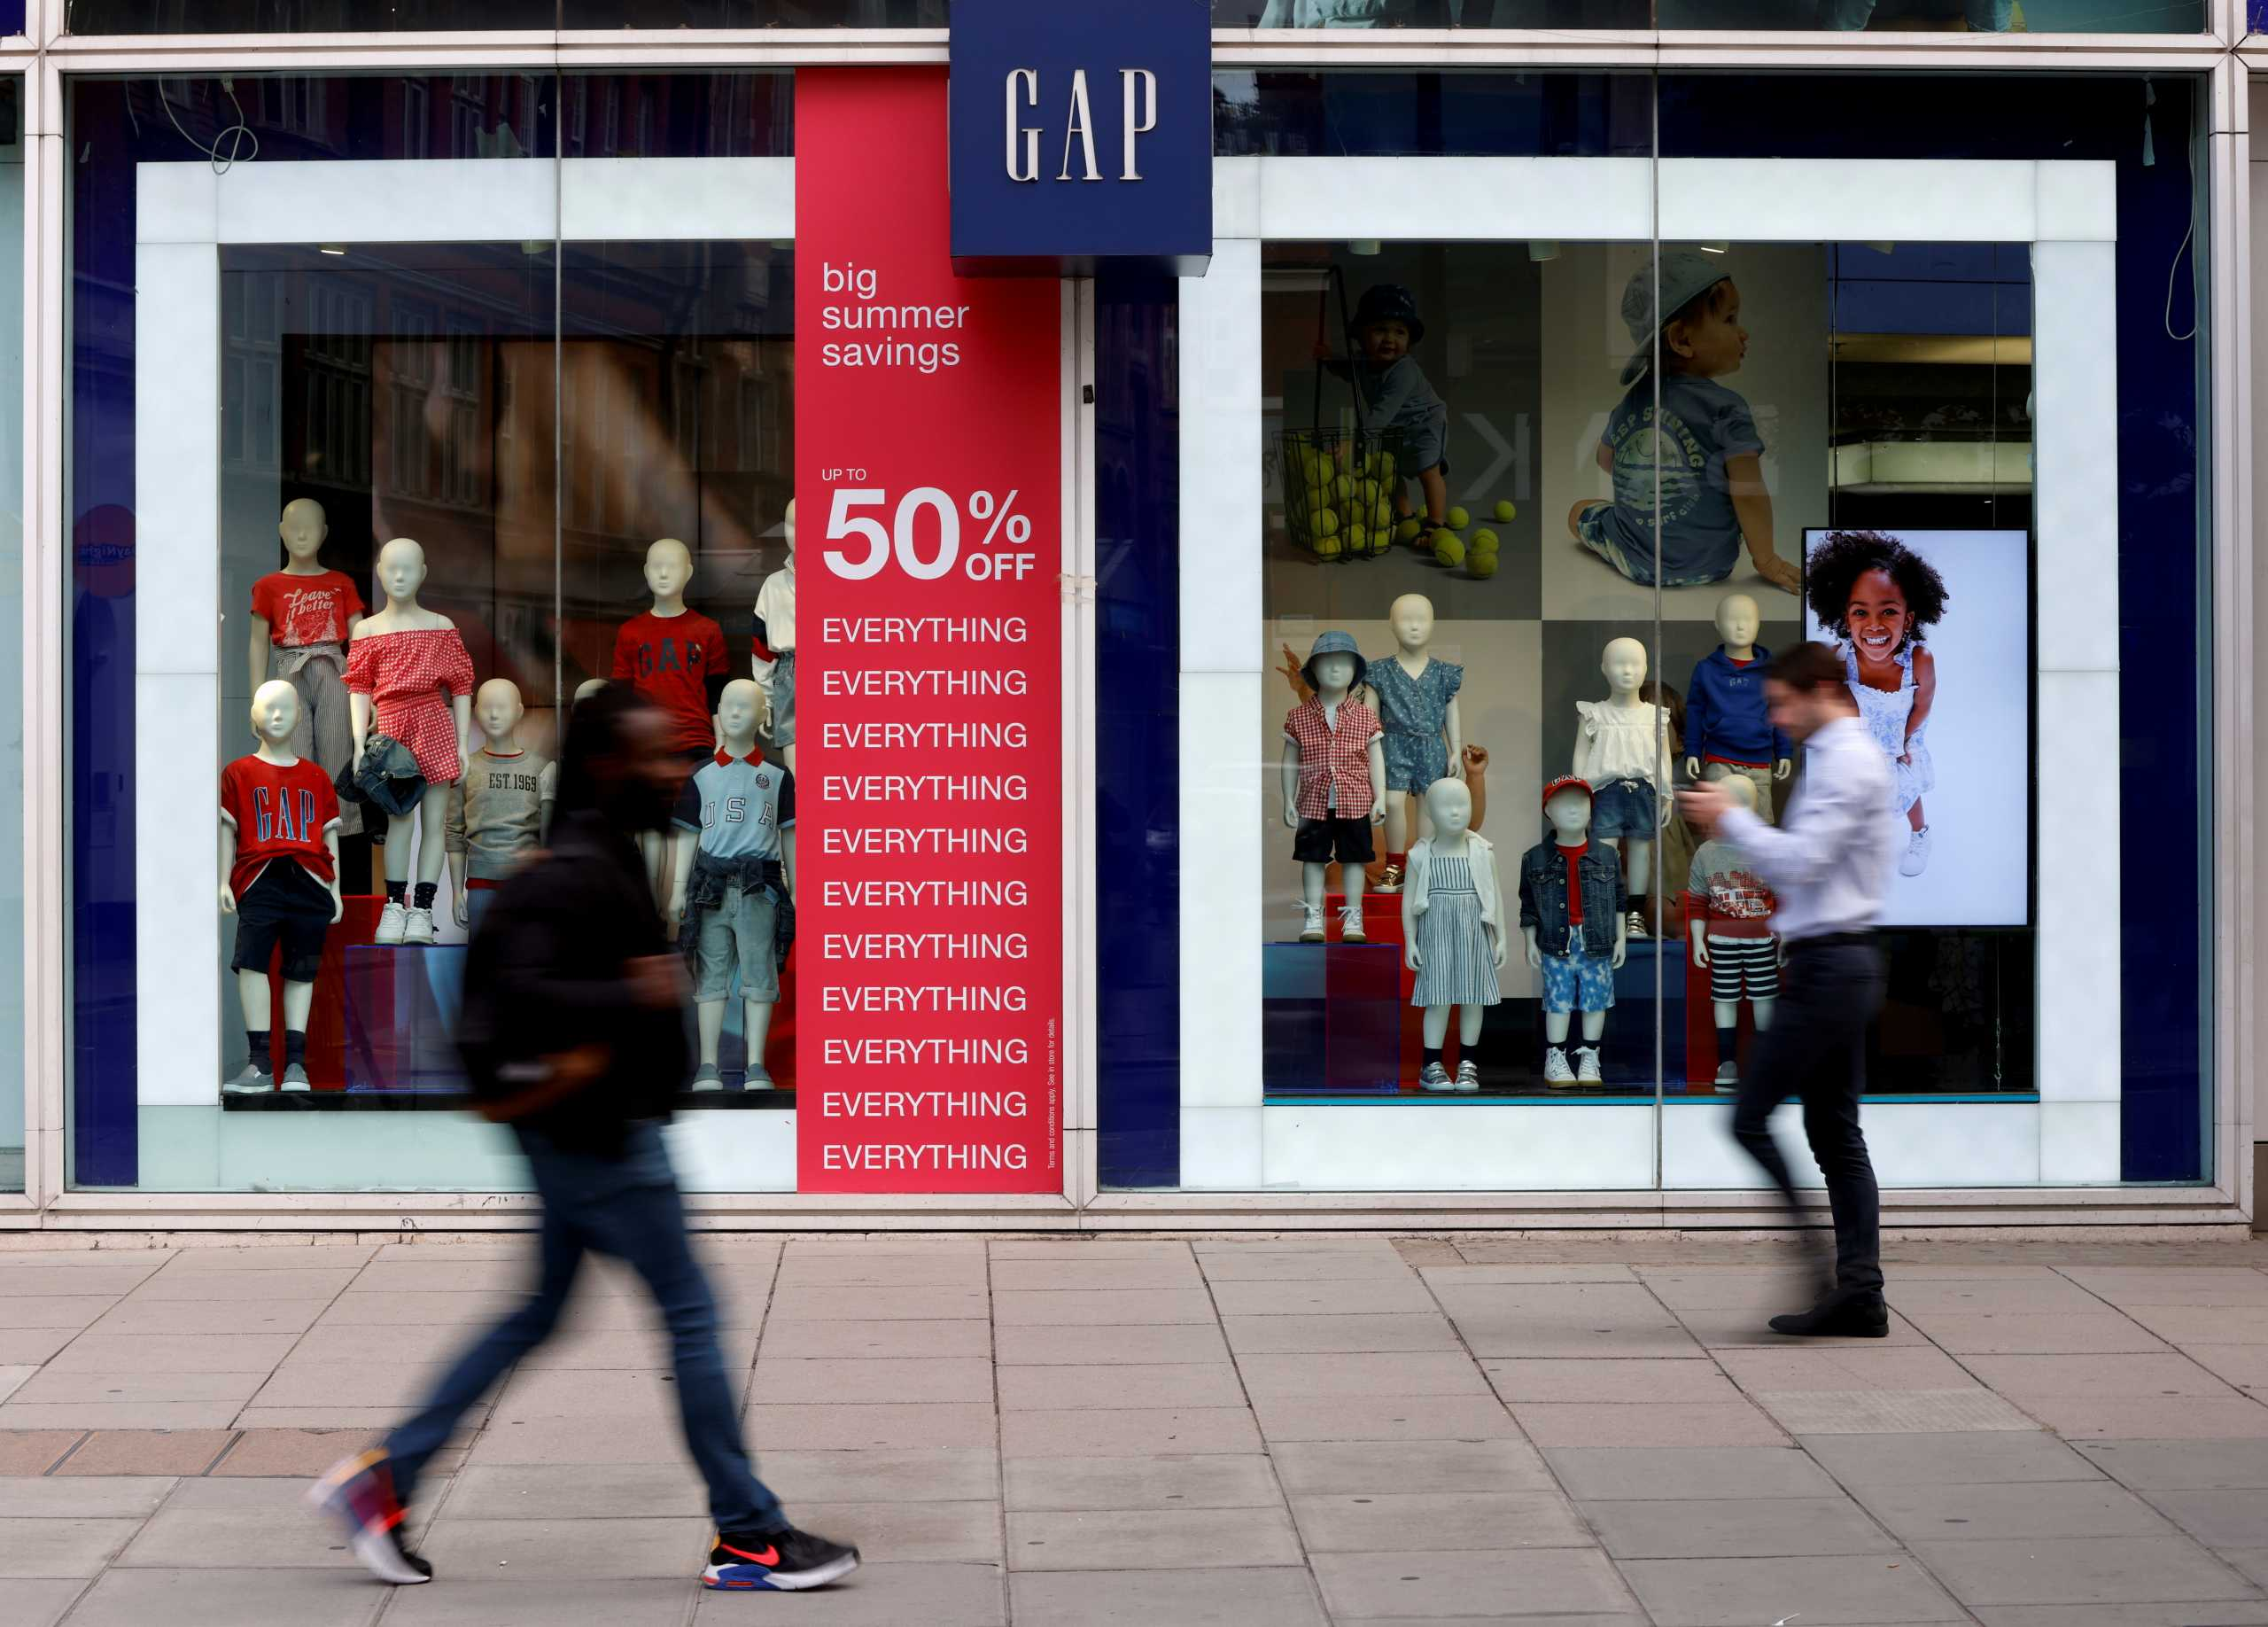 Ο όμιλος Gap βάζει λουκέτο στα καταστήματά του σε Ηνωμένο Βασίλειο και Ιρλανδία